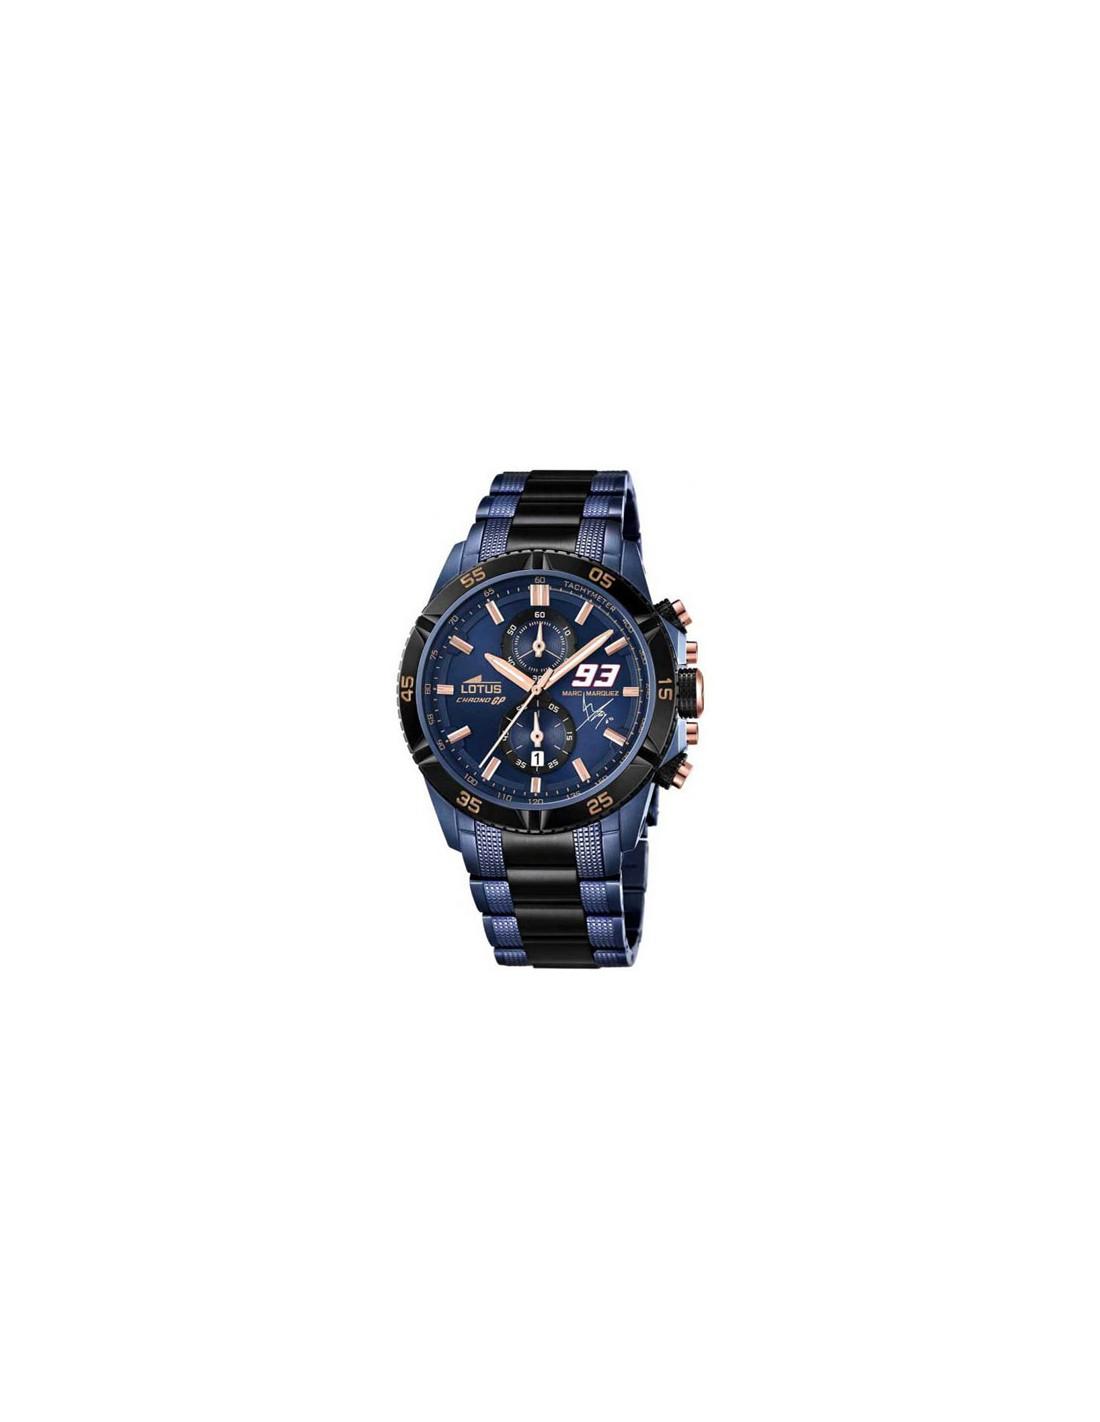 130a71913c82 Reloj Lotus Marc Márquez Limited L18230 1